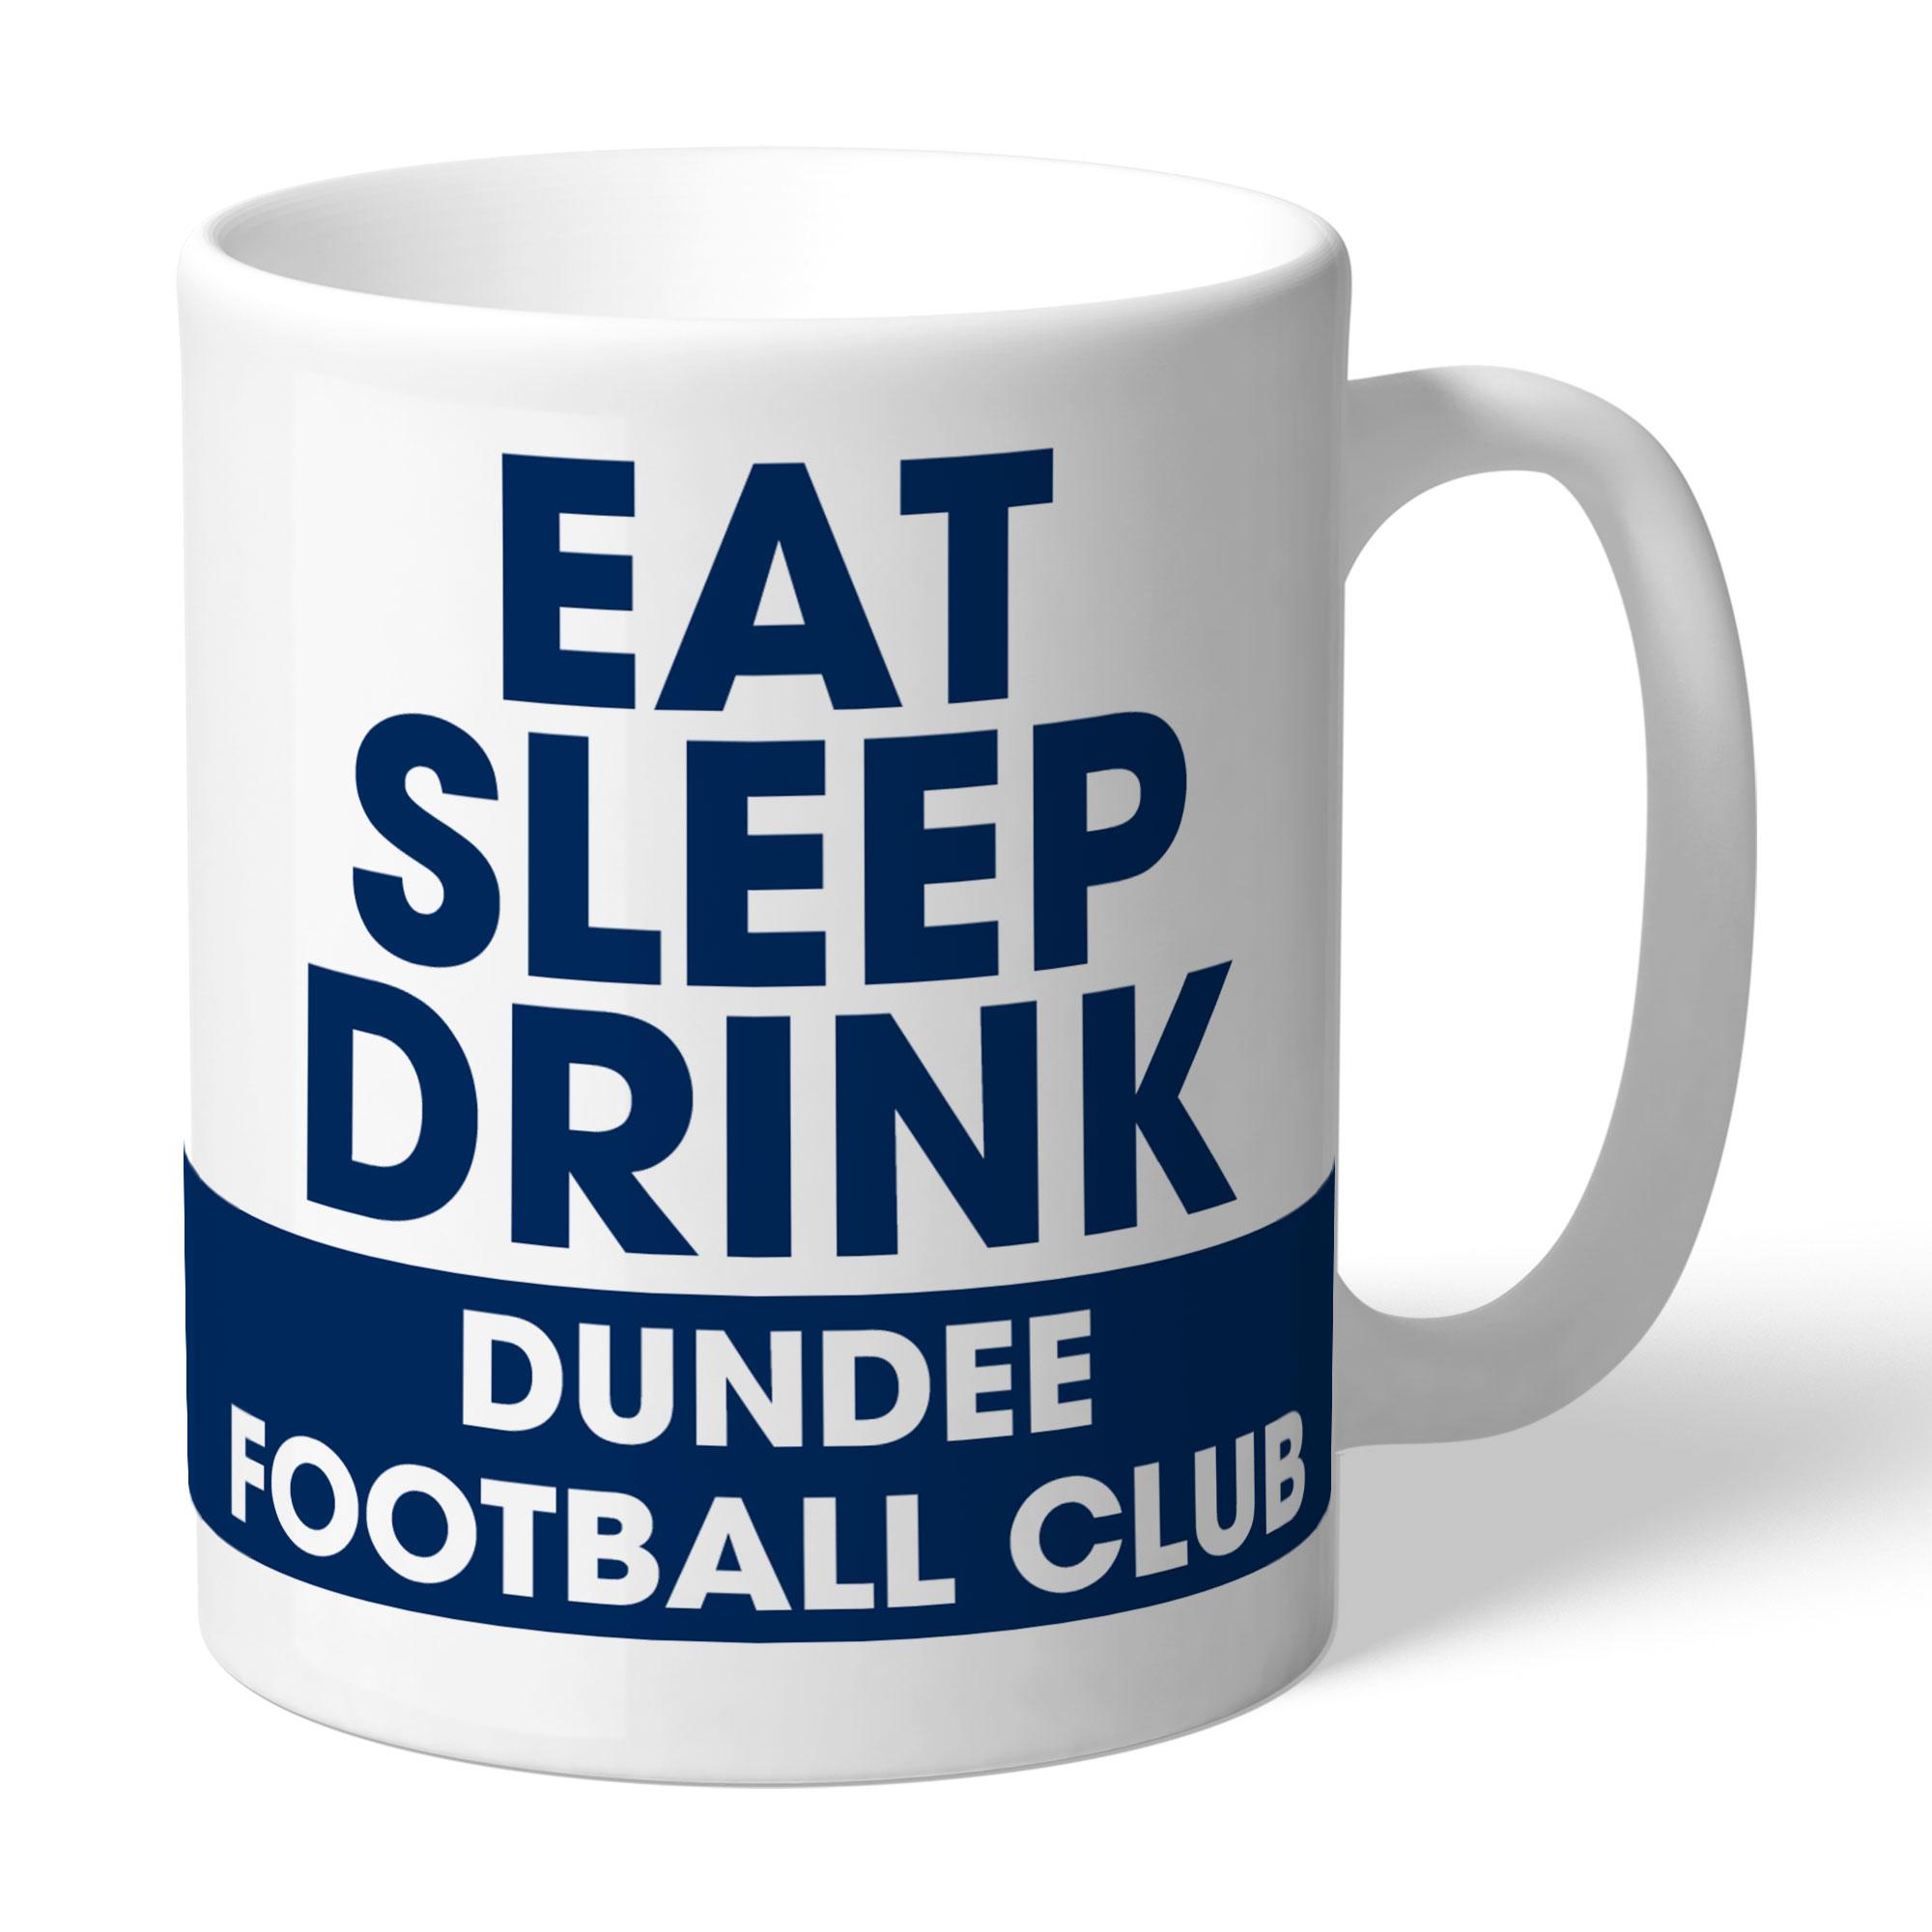 Dundee FC Eat Sleep Drink Mug